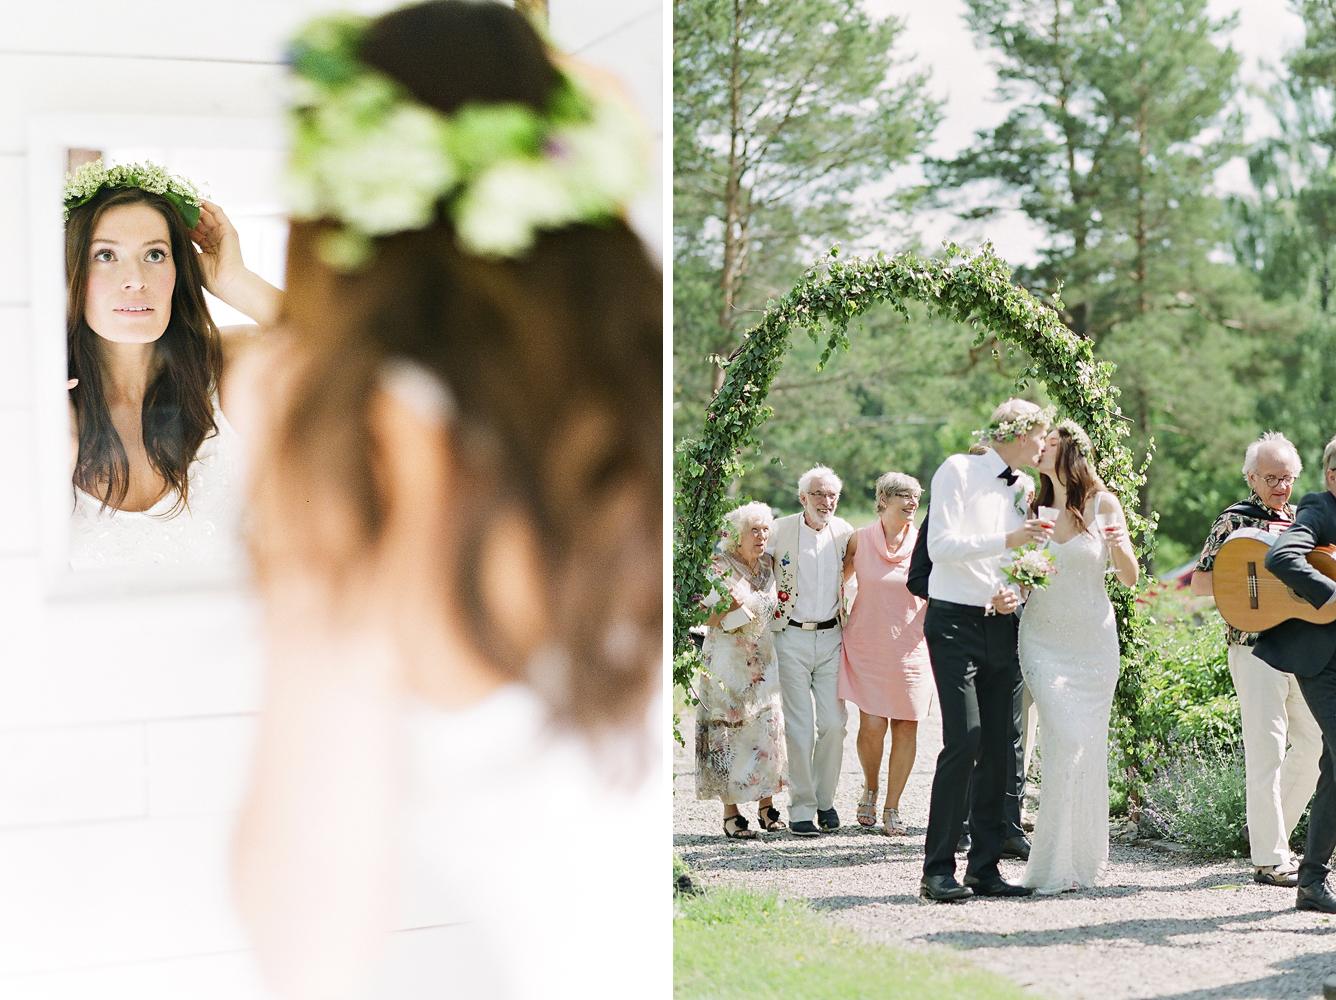 Ett redigt svenskt sommarbröllop med spelmän, blomsterbåge och blomkransar i håret. En Carl Larsson dröm. En bröllopsfotografs dröm.